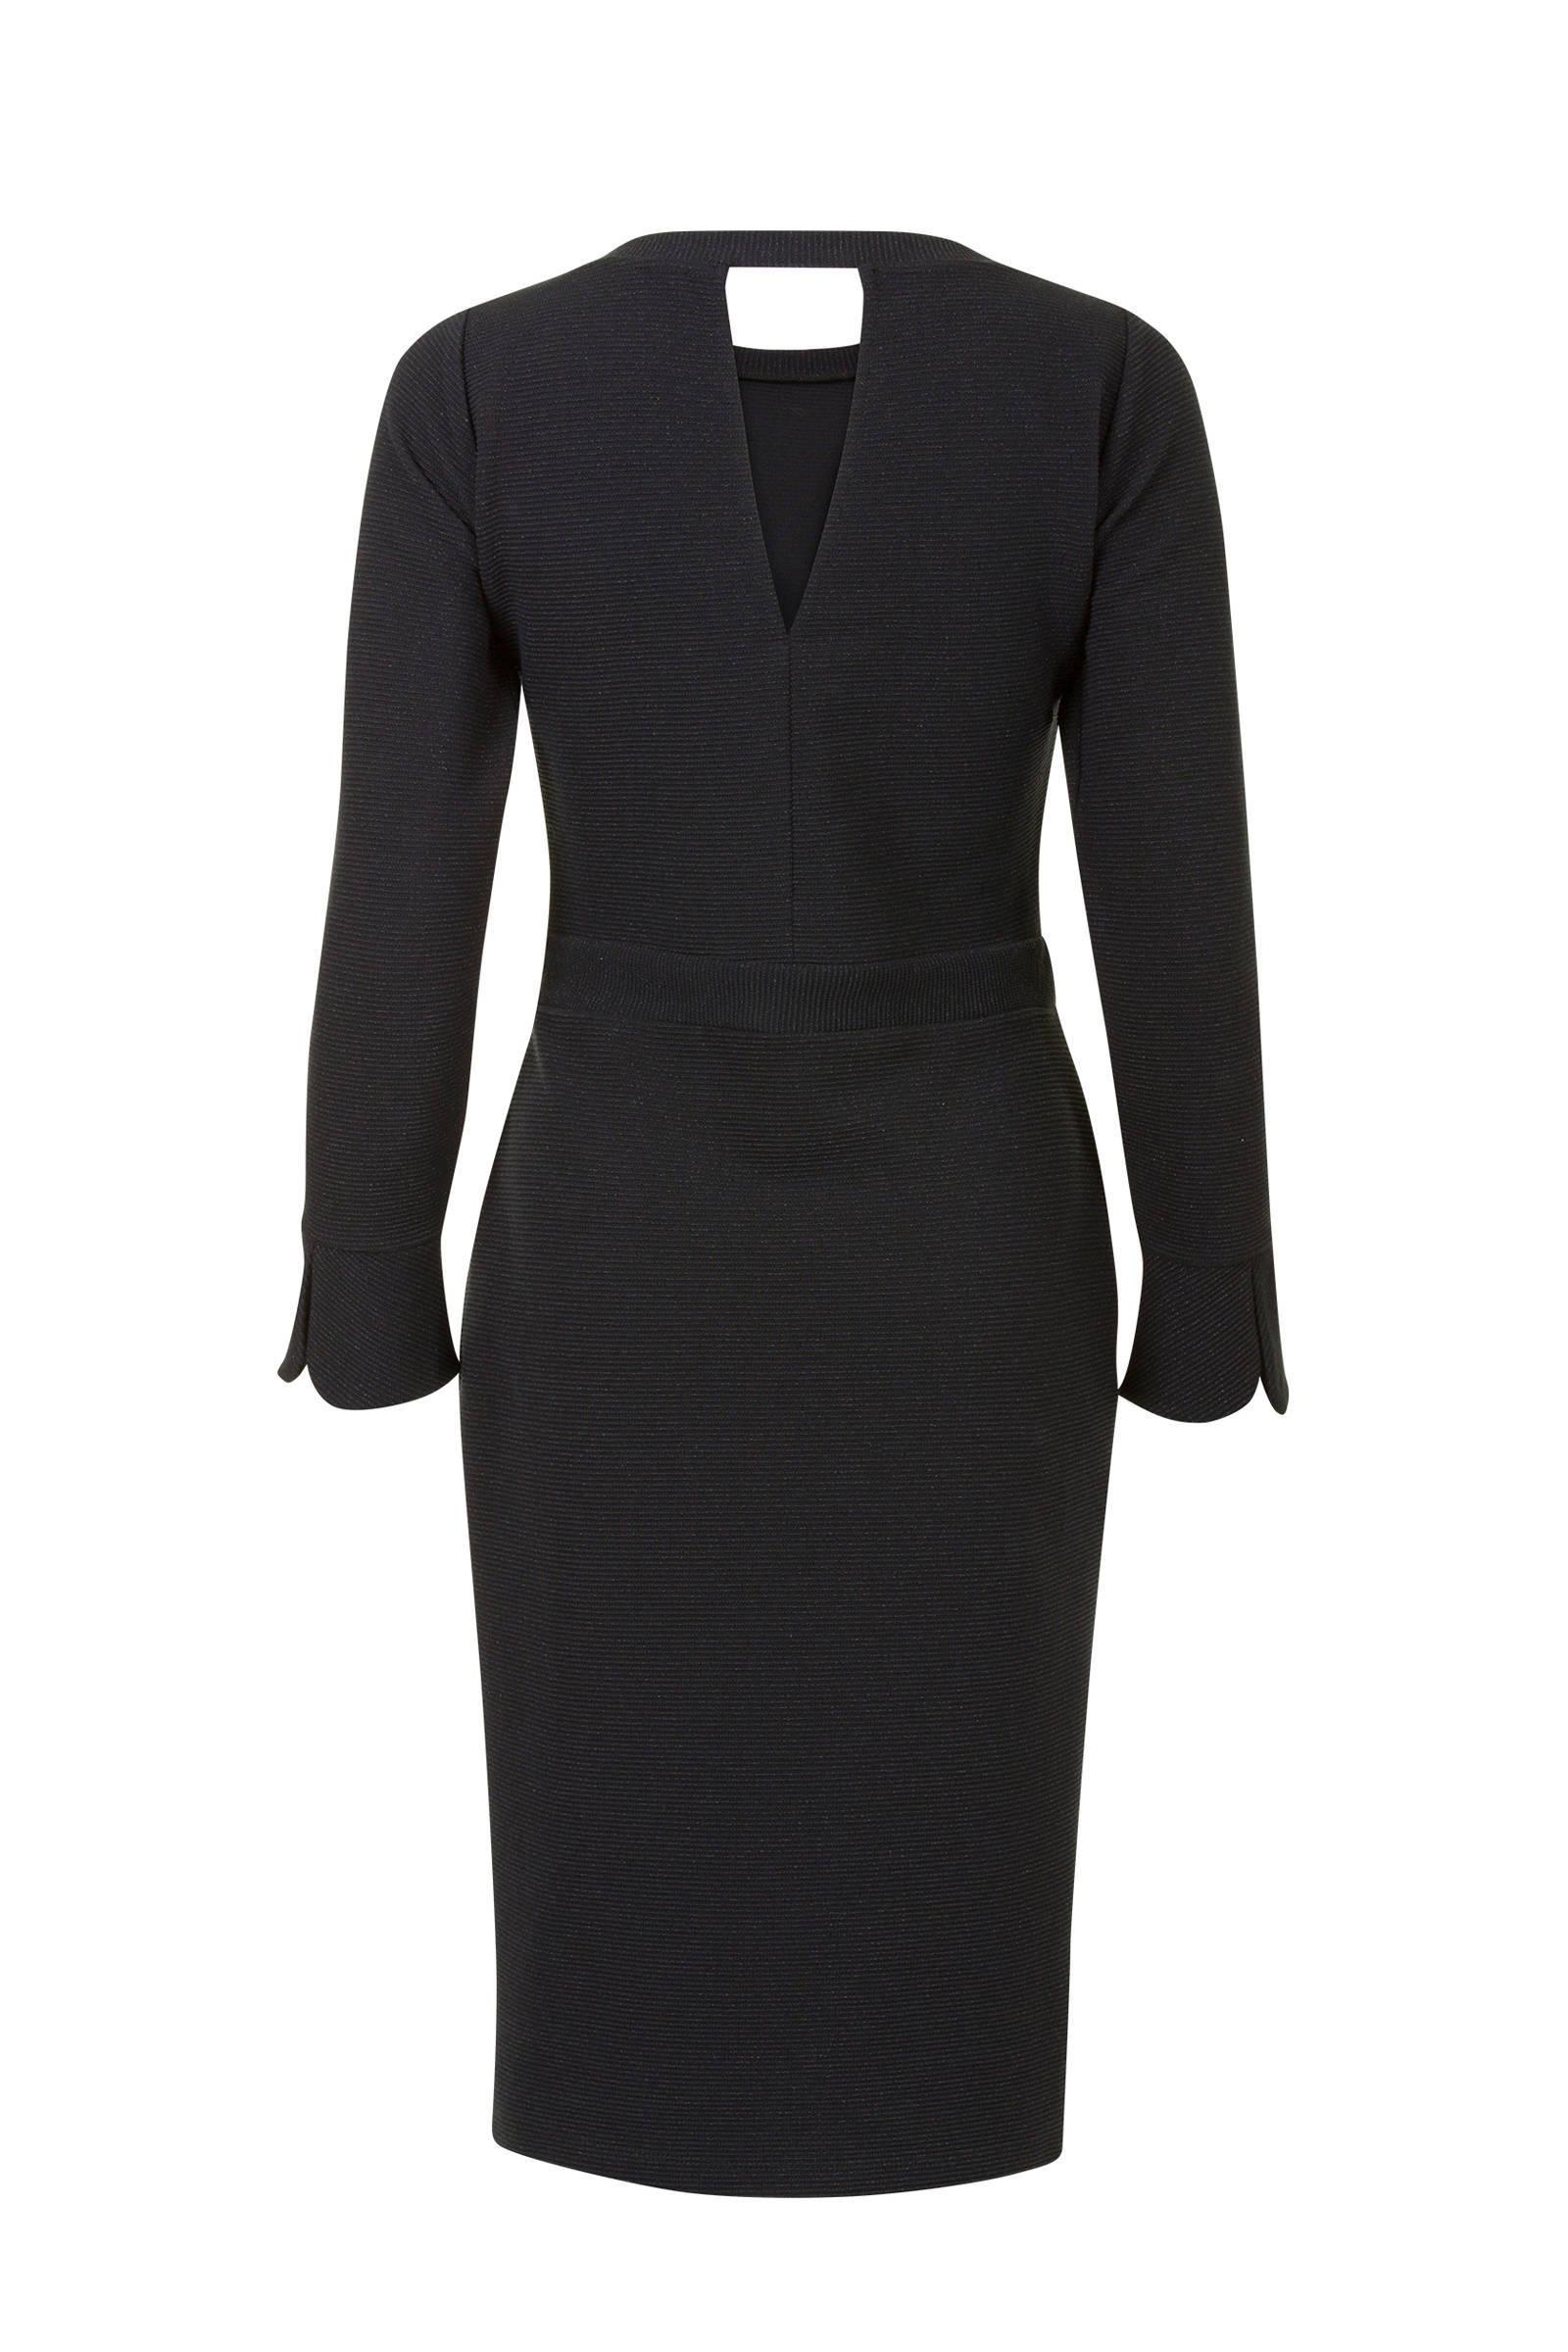 016e4c5a8e57c8 Steps jurk met glitters zwart